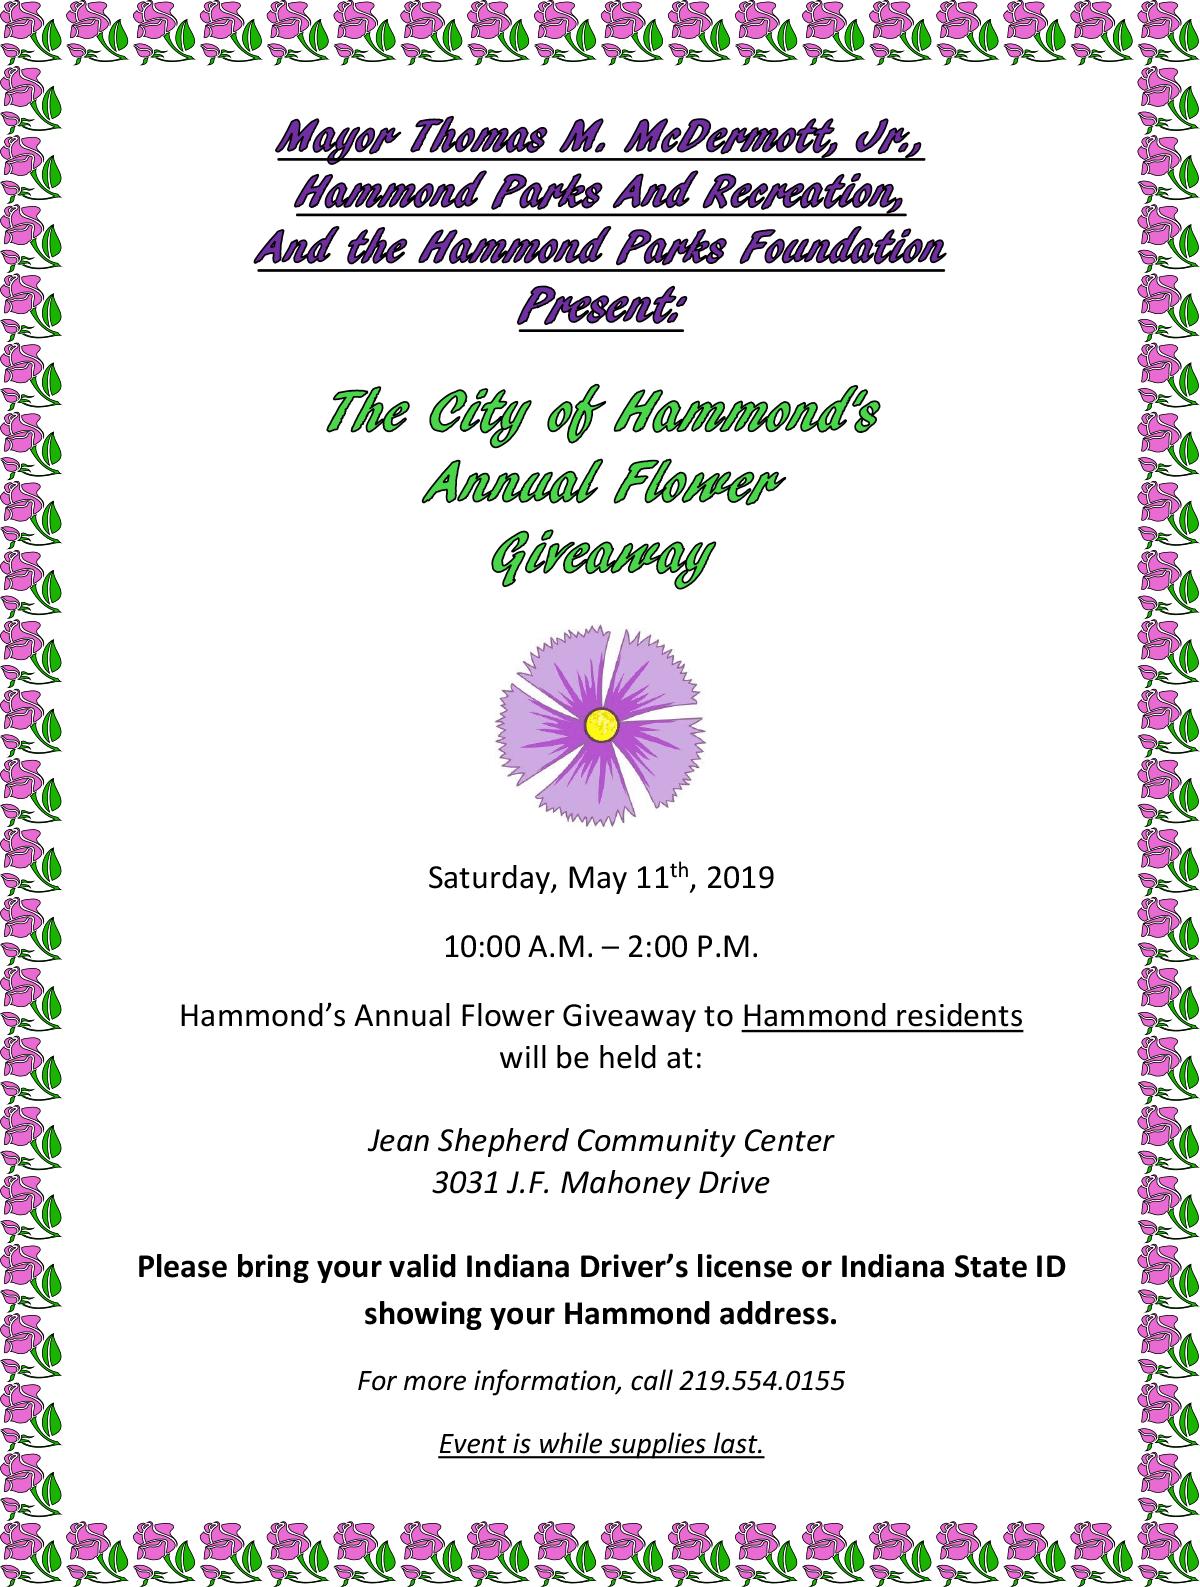 Hammond's 2019 Flower Giveaway